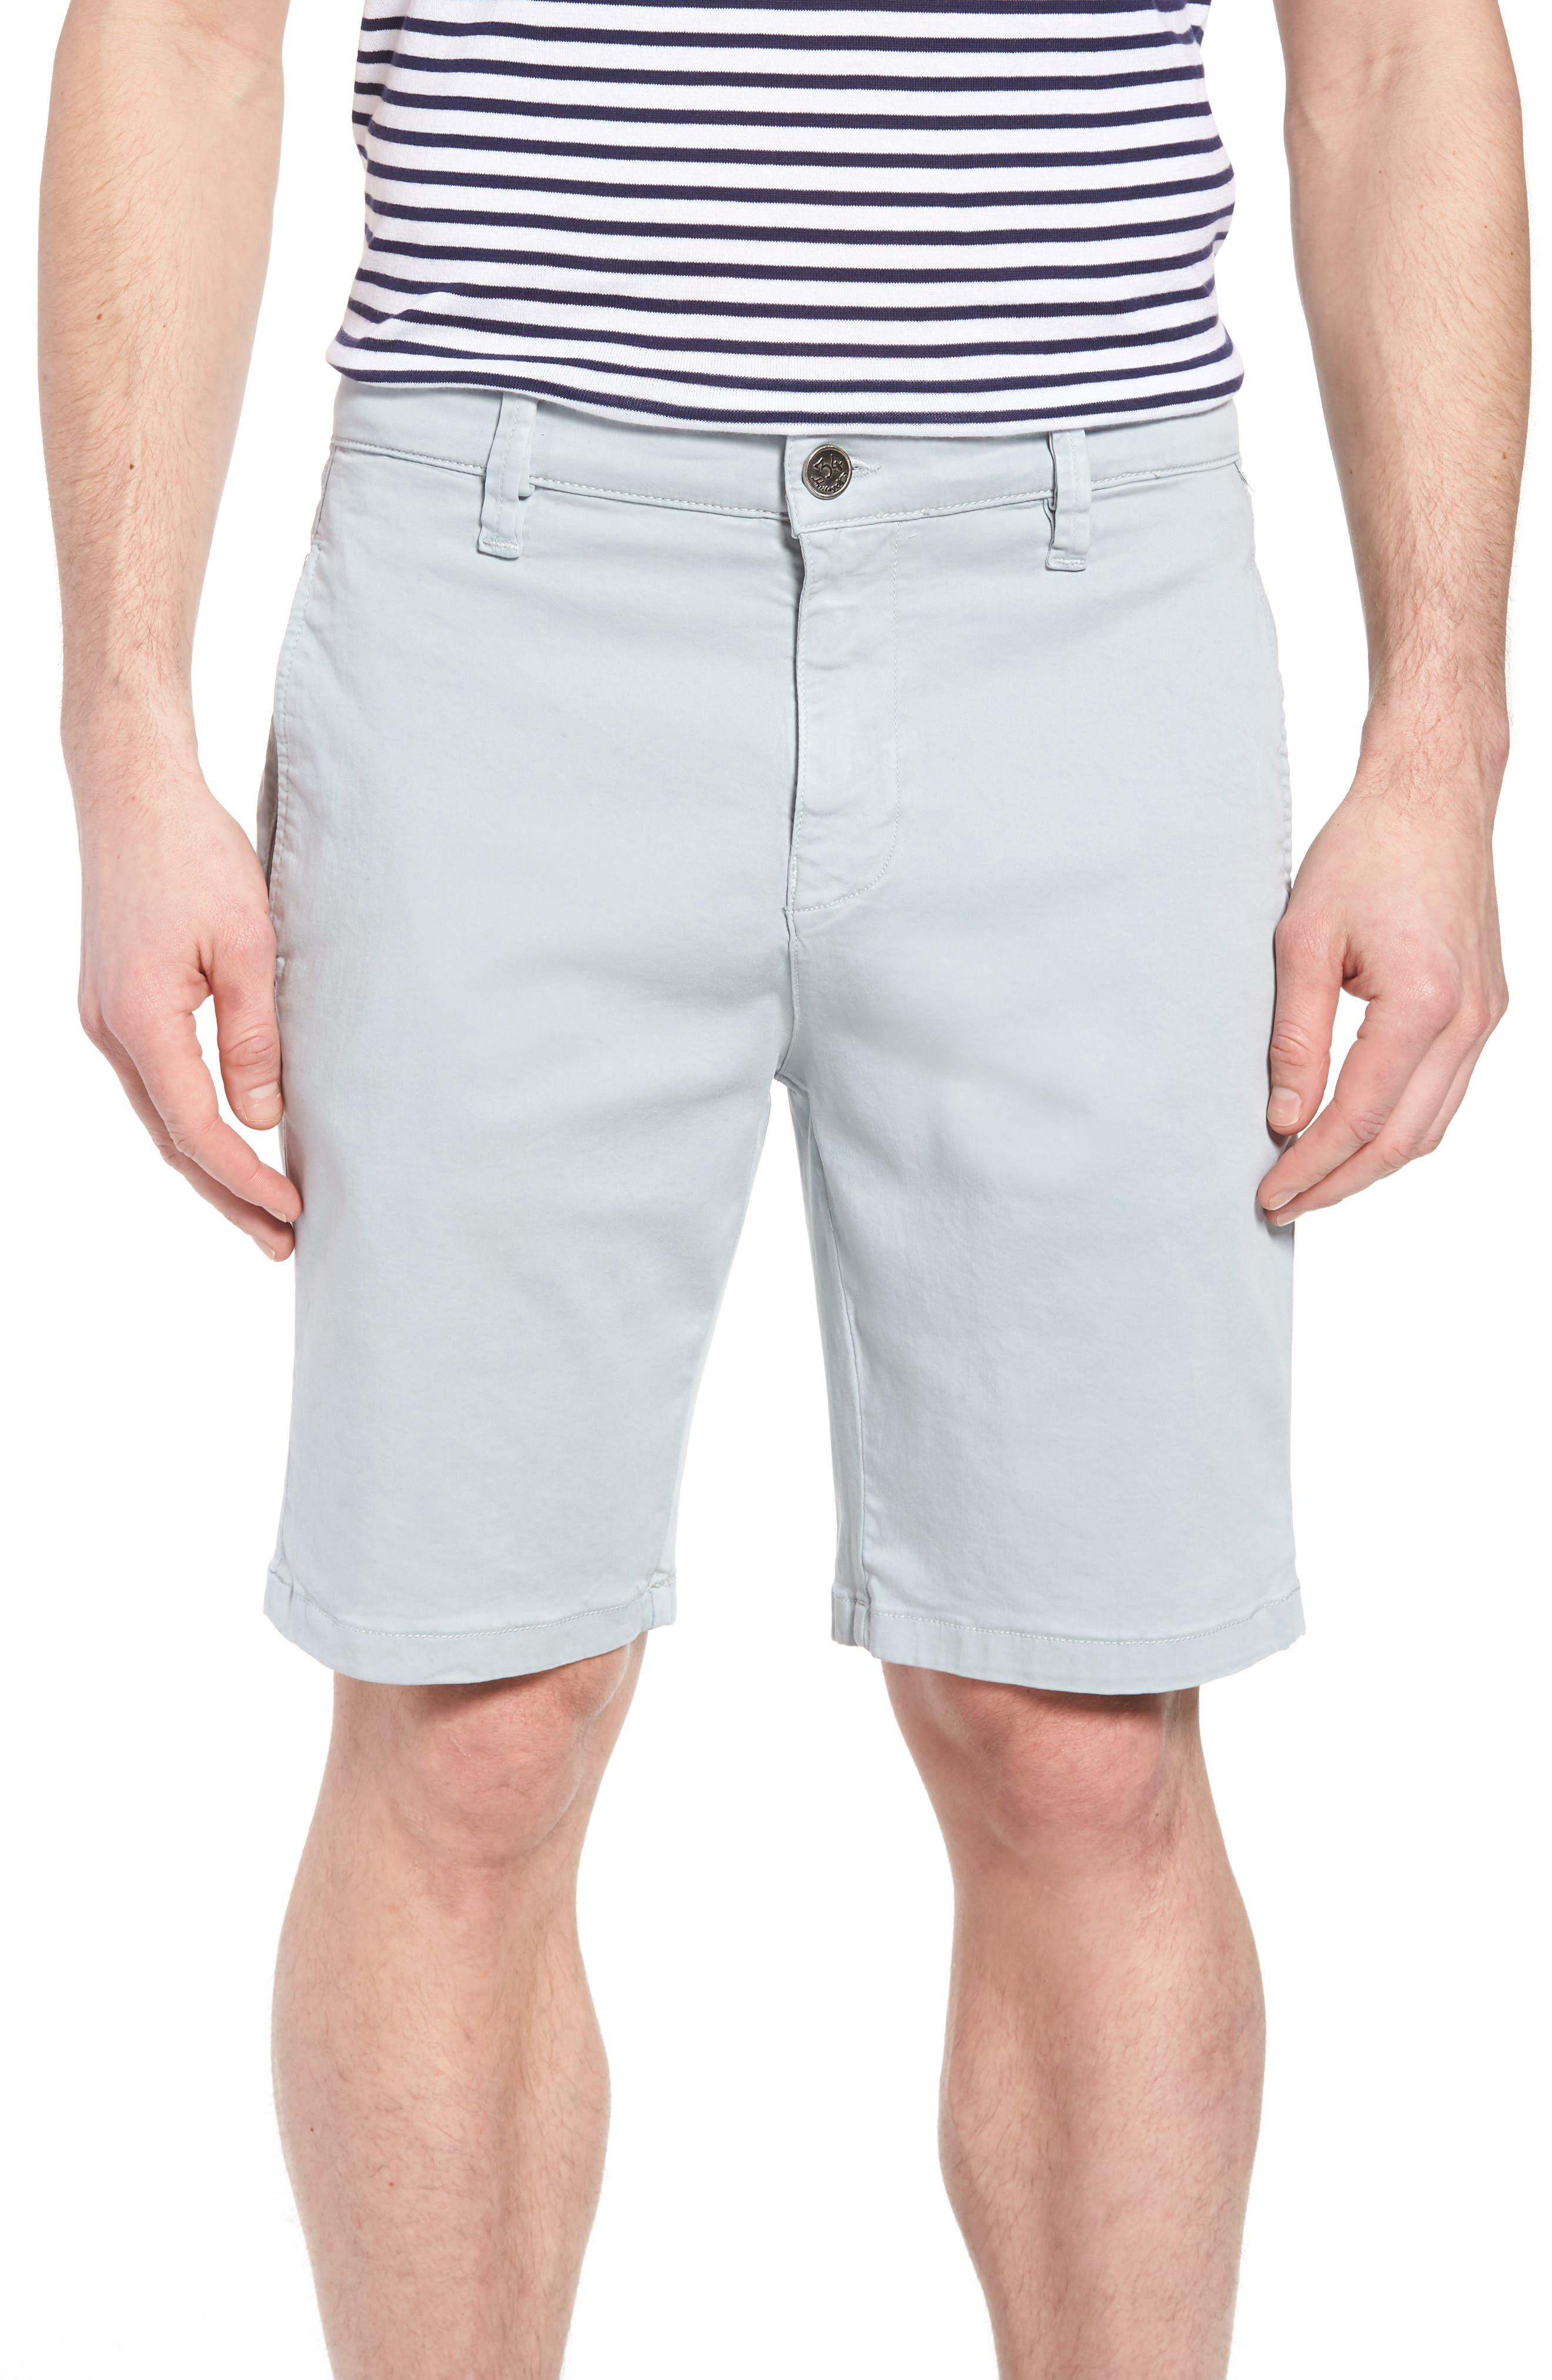 Nevada Twill Shorts,                             Main thumbnail 1, color,                             ICE TWILL